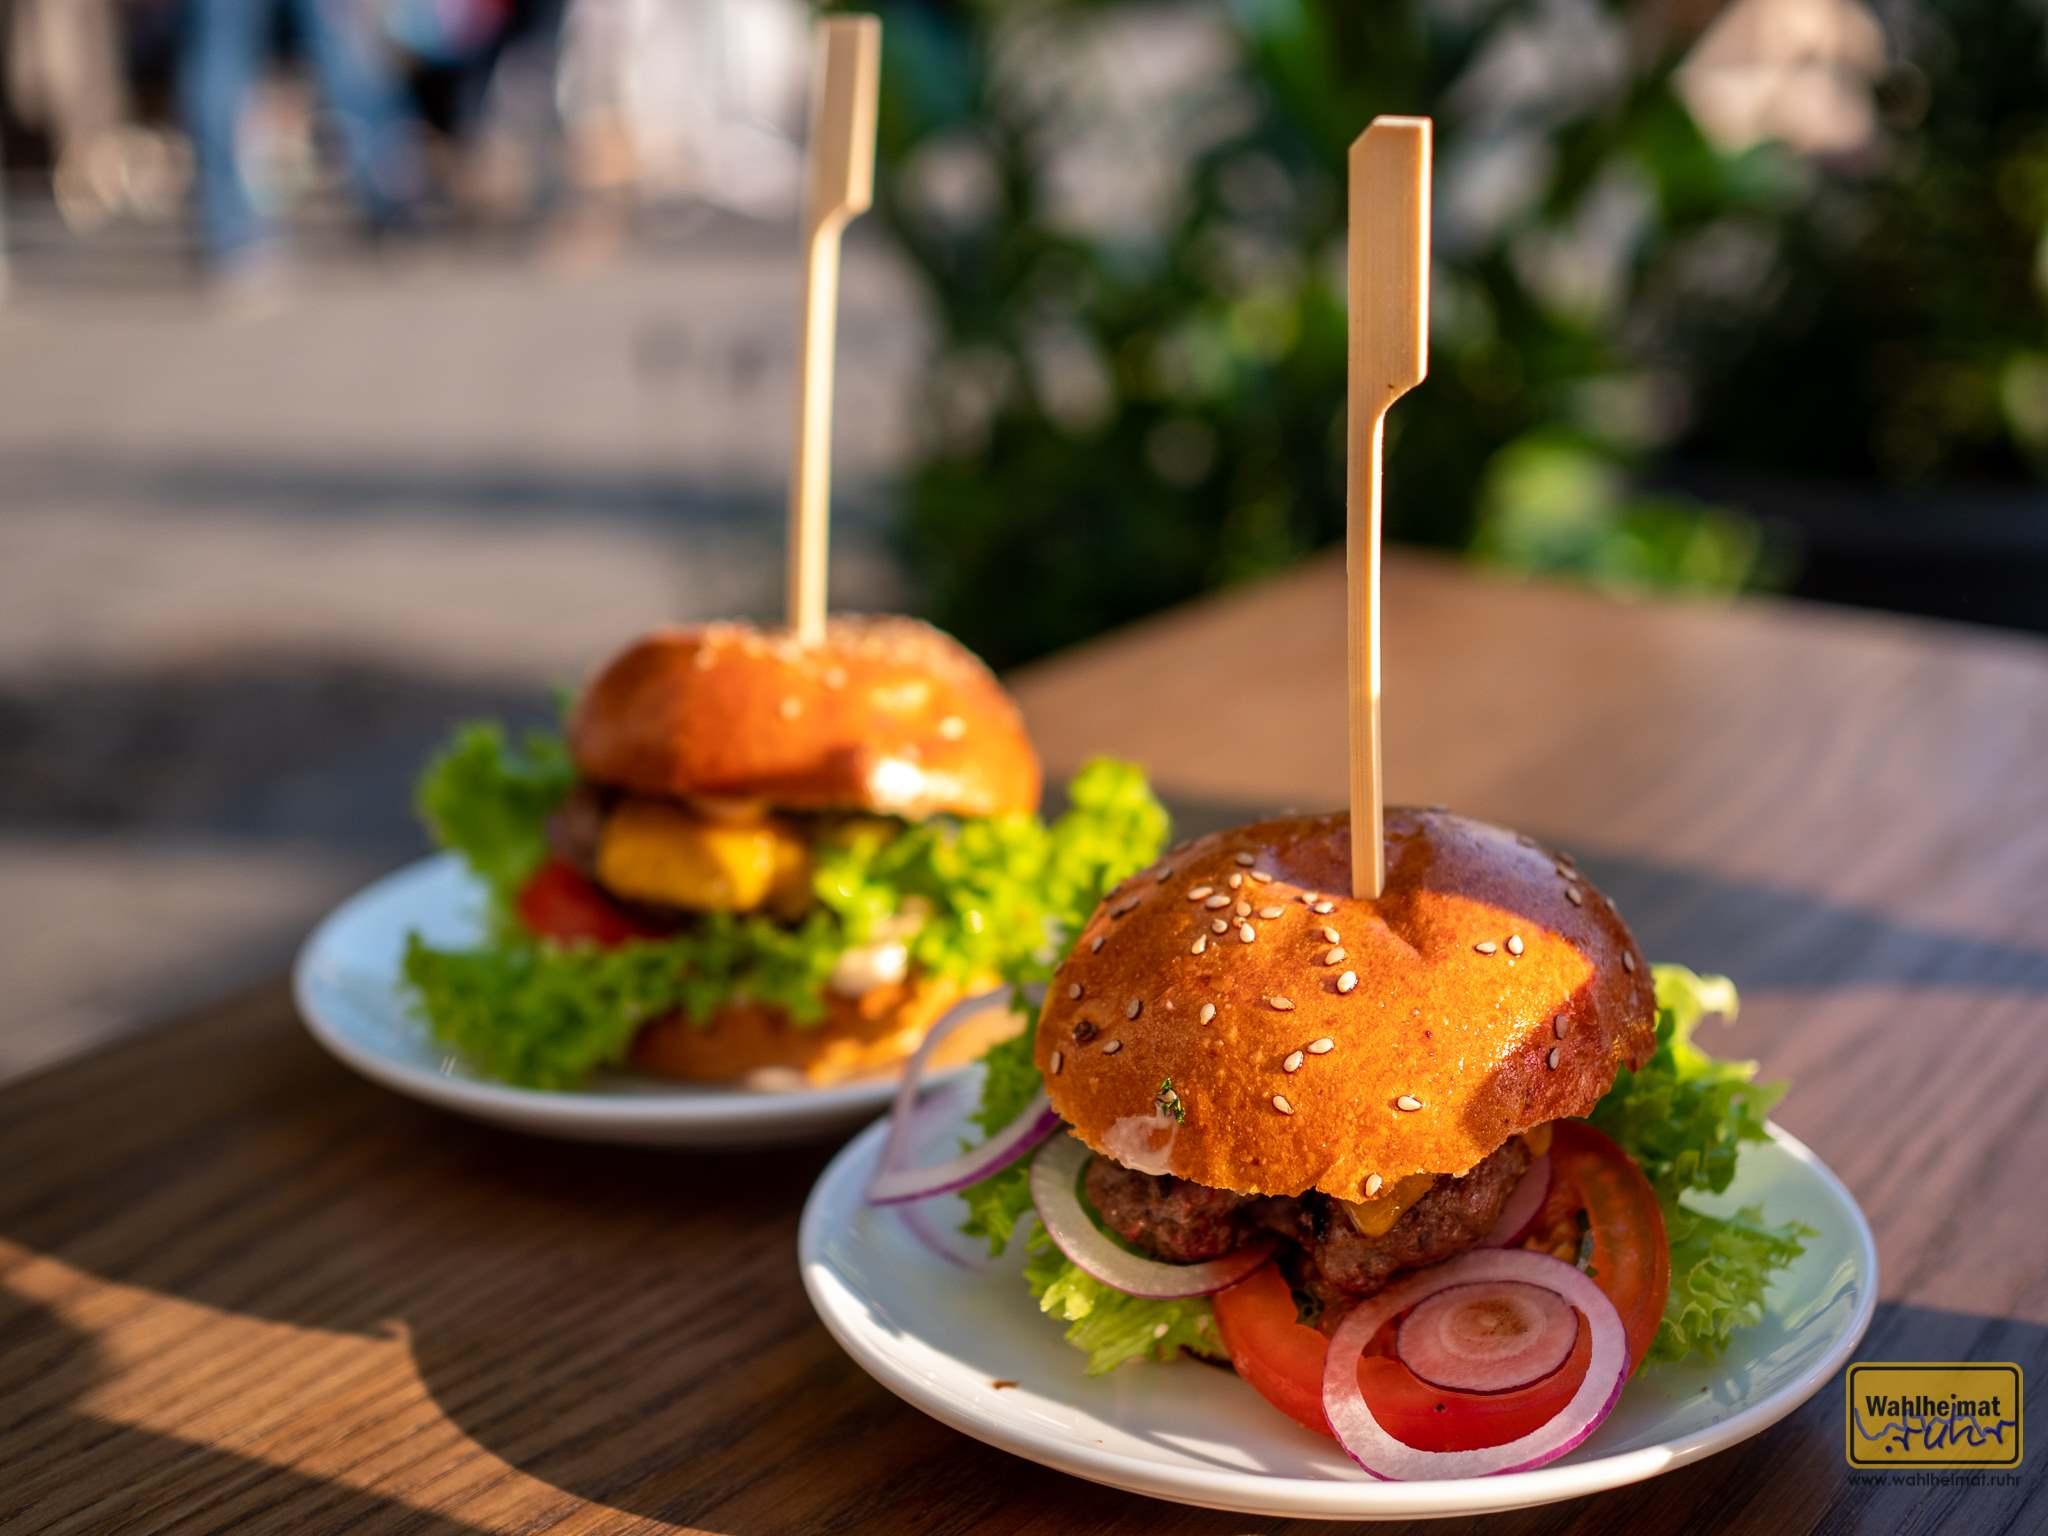 Manducare am Stadthafen: Mini-Burger - als Cheeseburger oder vegetarische Variante.